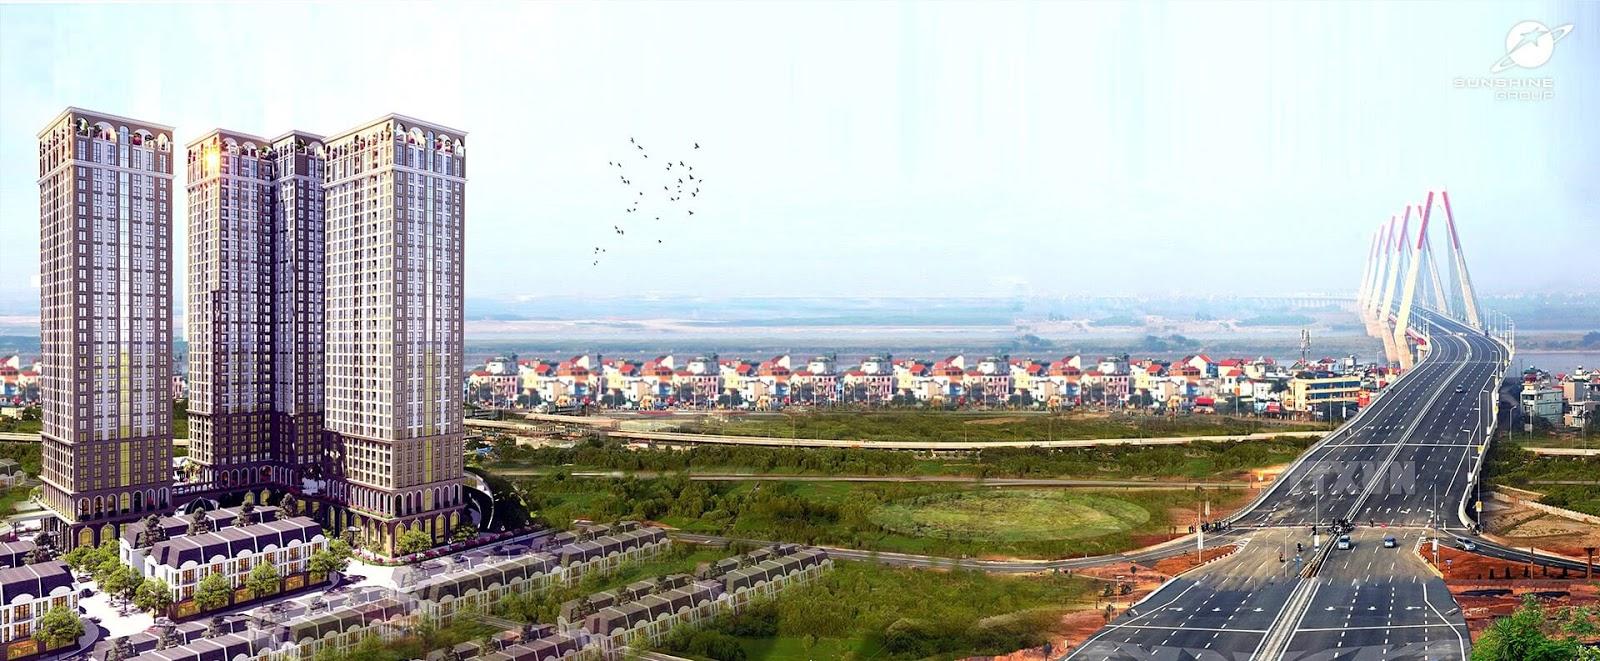 Một dự án bất động sản tại Hà Nội.